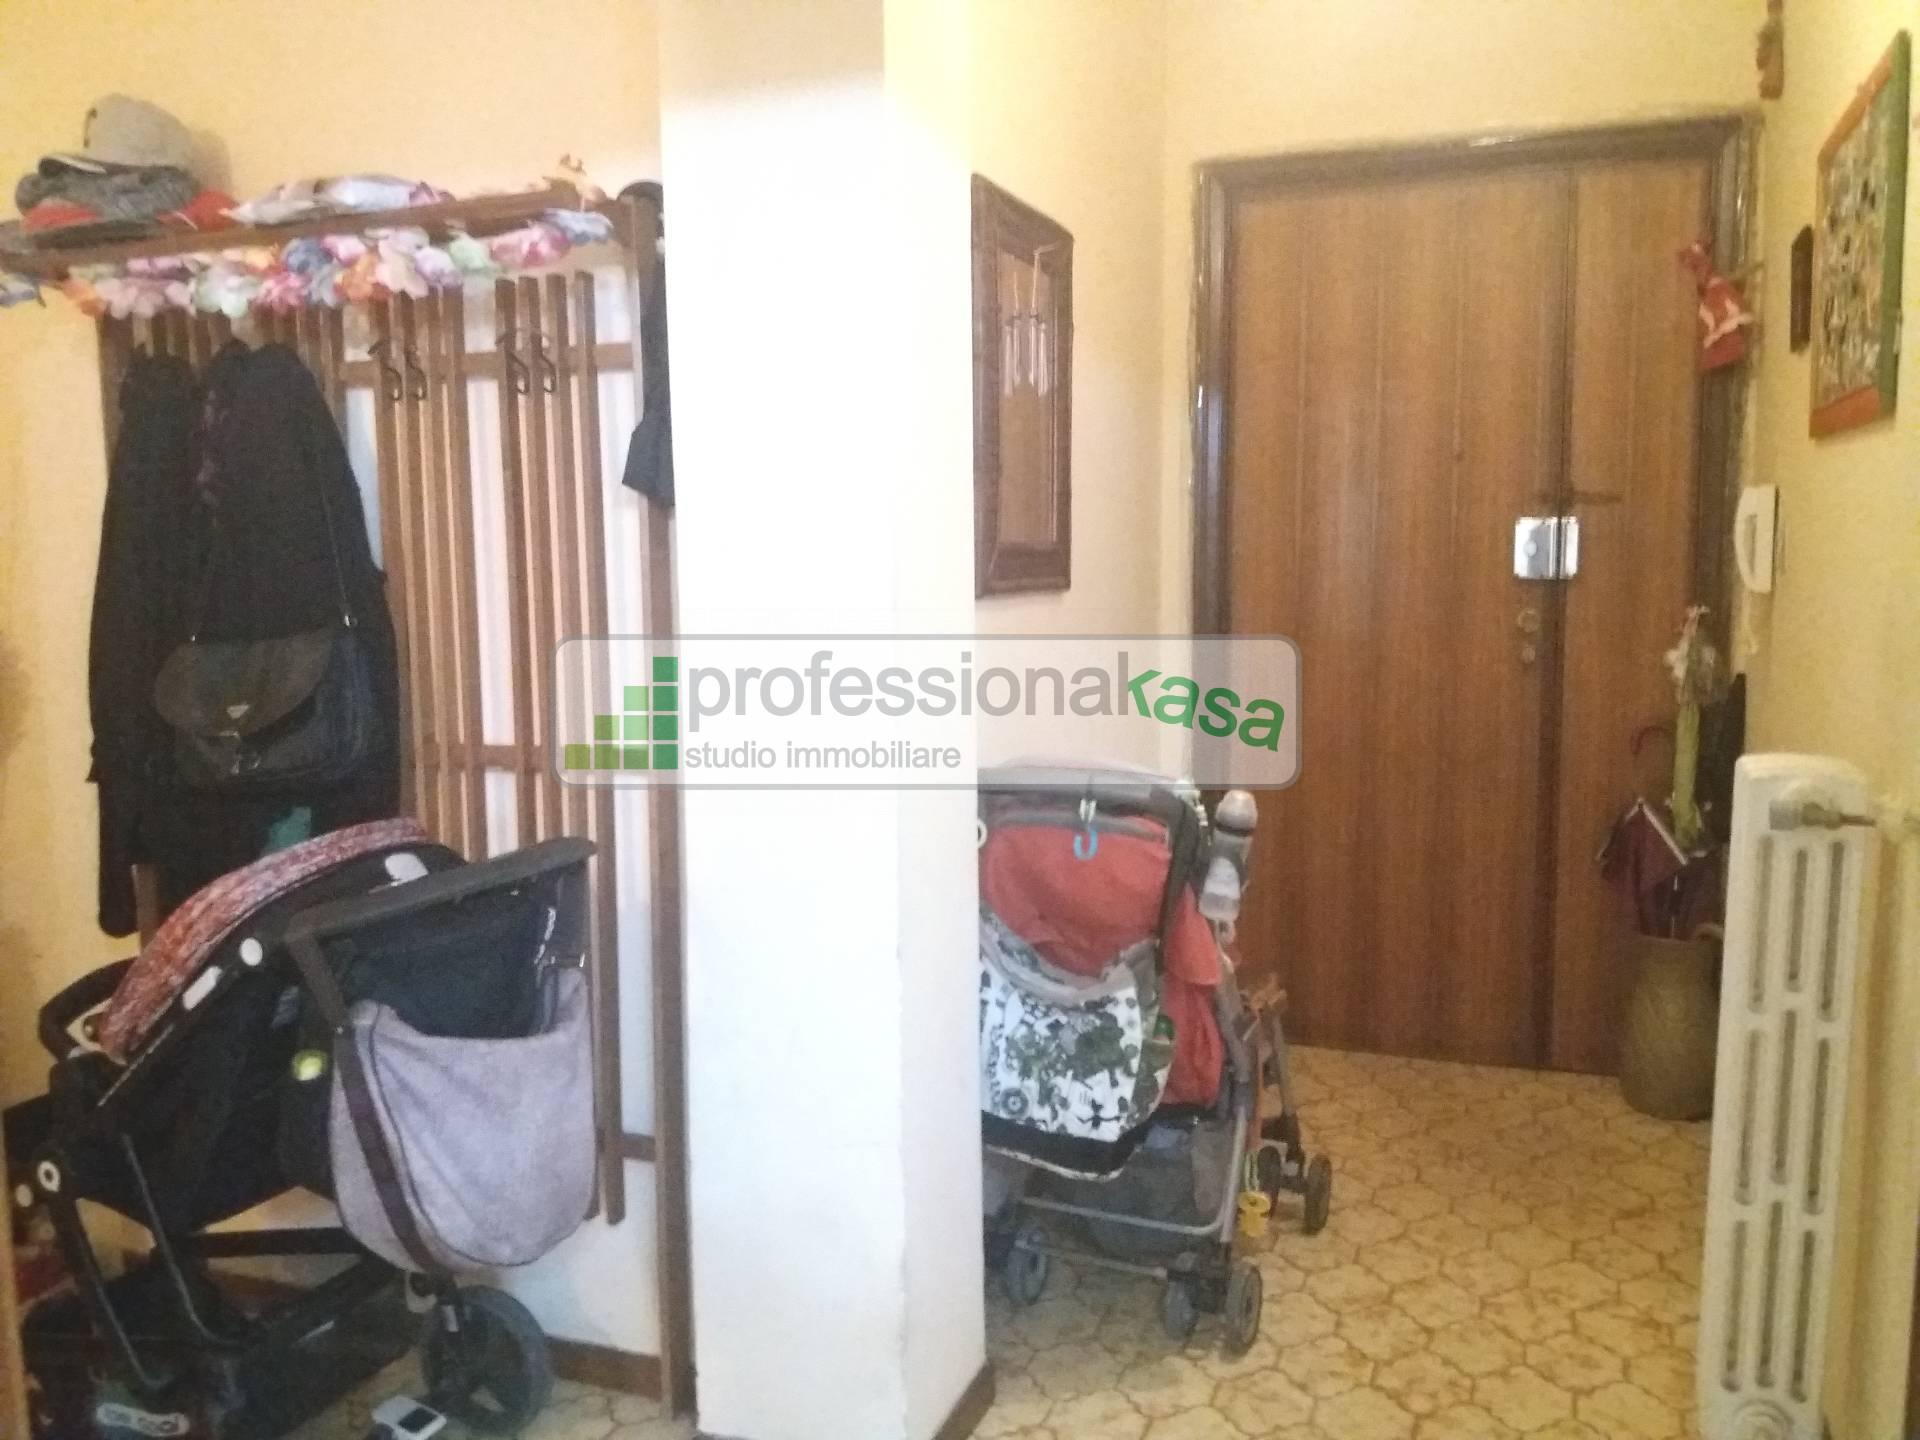 Appartamento in vendita a Vasto, 4 locali, zona Località: 1Centrostorico, prezzo € 95.000   PortaleAgenzieImmobiliari.it